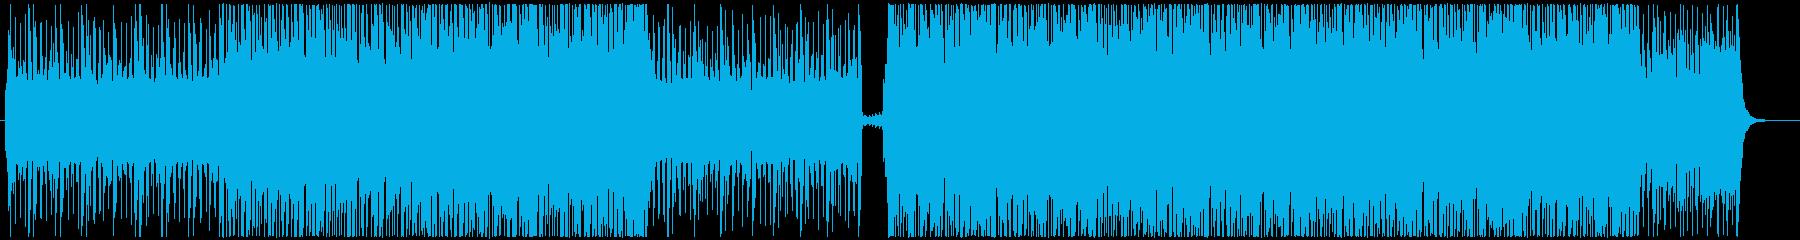 スタイリッシュなピアノのHip Hopの再生済みの波形